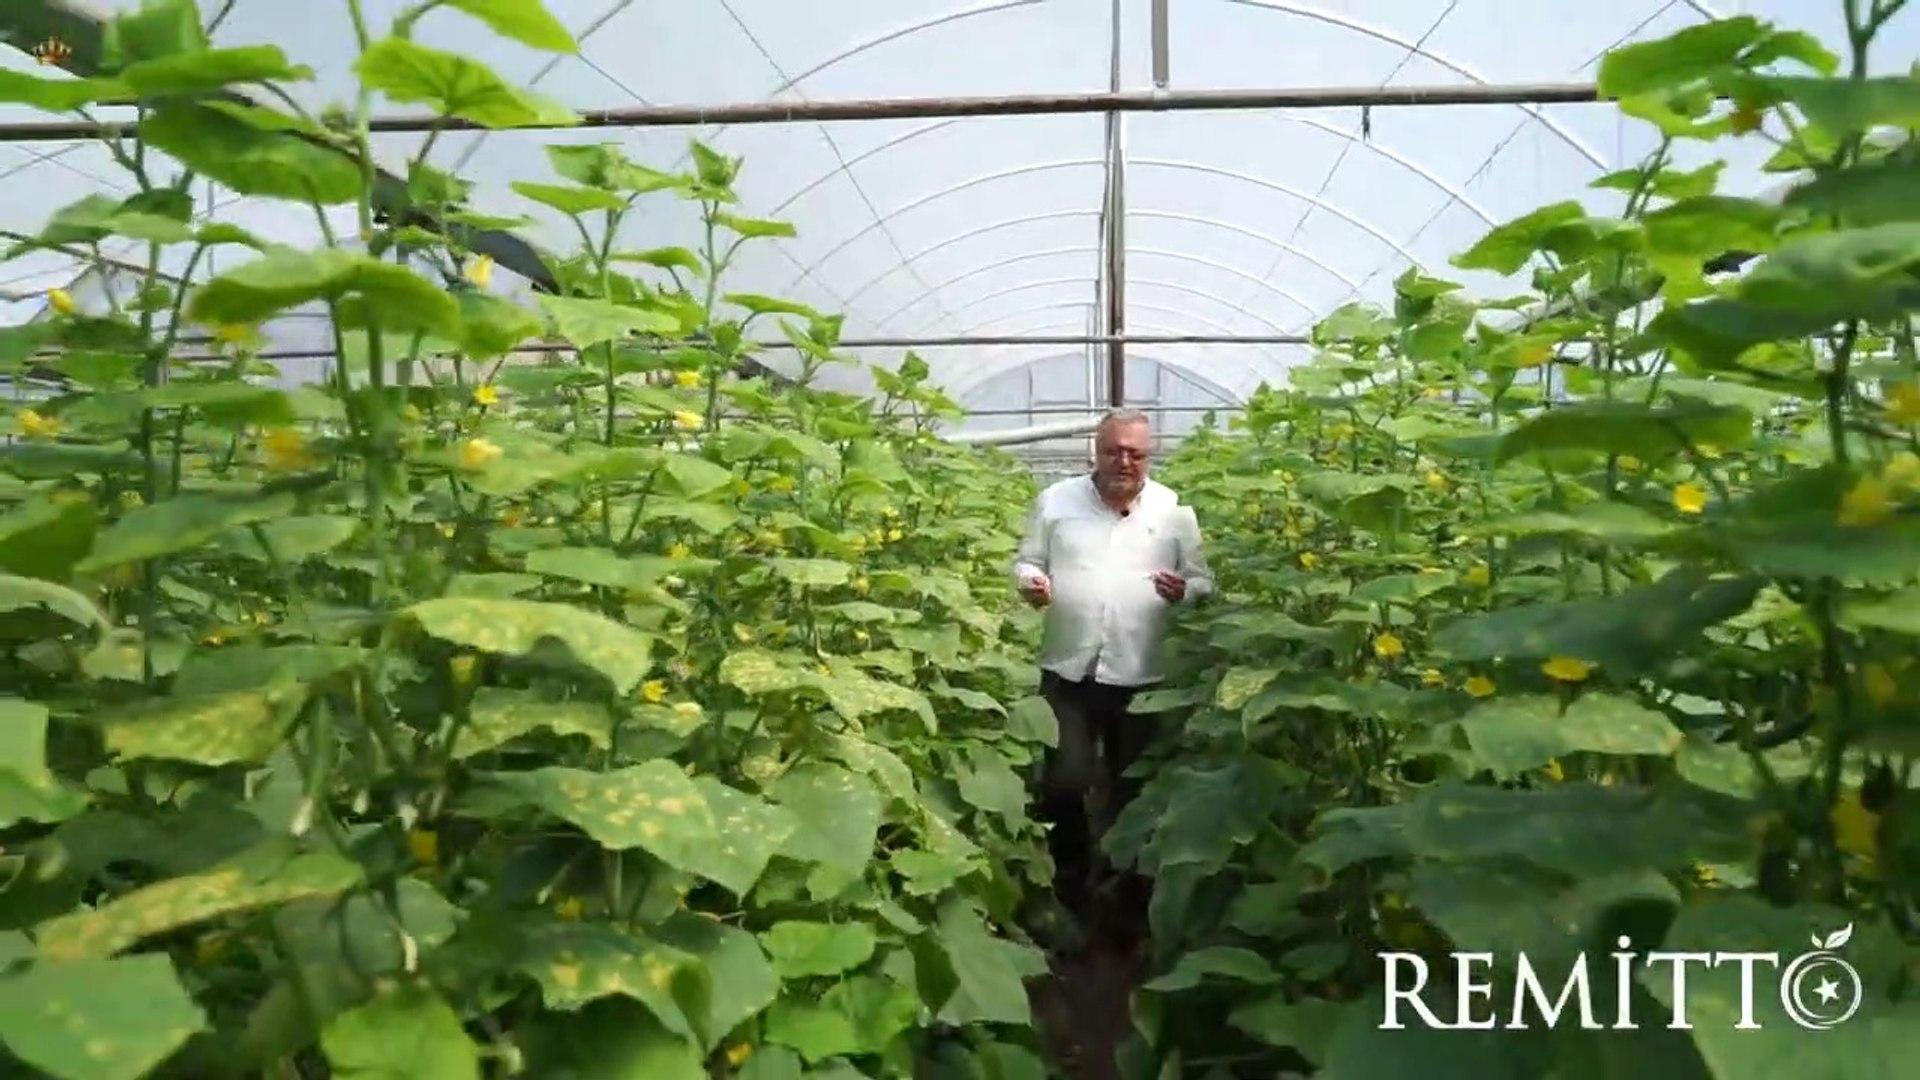 Remitto Tohum | Tazem Badem Hıyar  - Yemekli Ürün Tanıtımı ²⁰¹⁹